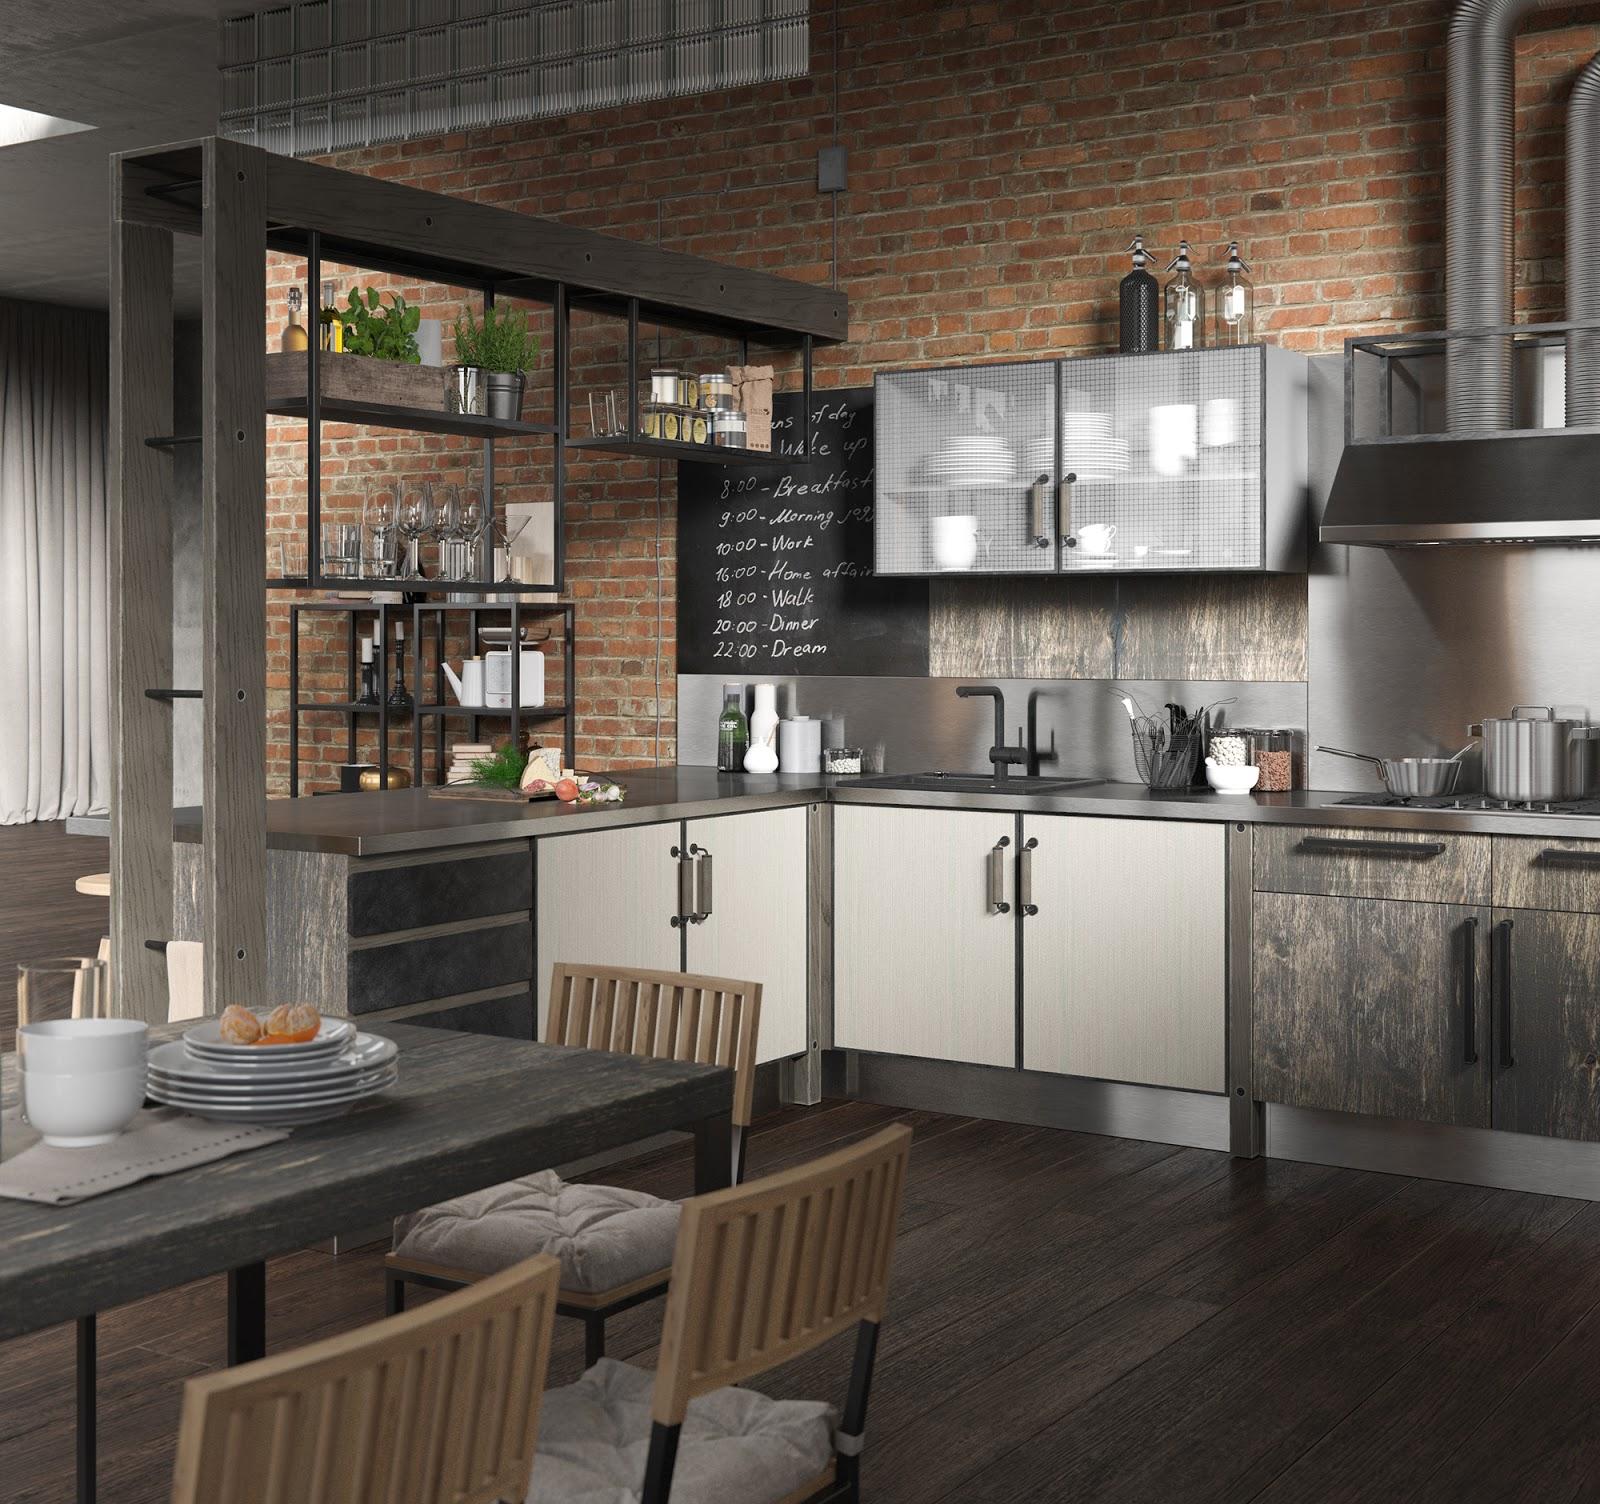 Kitchen Visualizer: 3D Visualization Kitchen For Giulia Novars